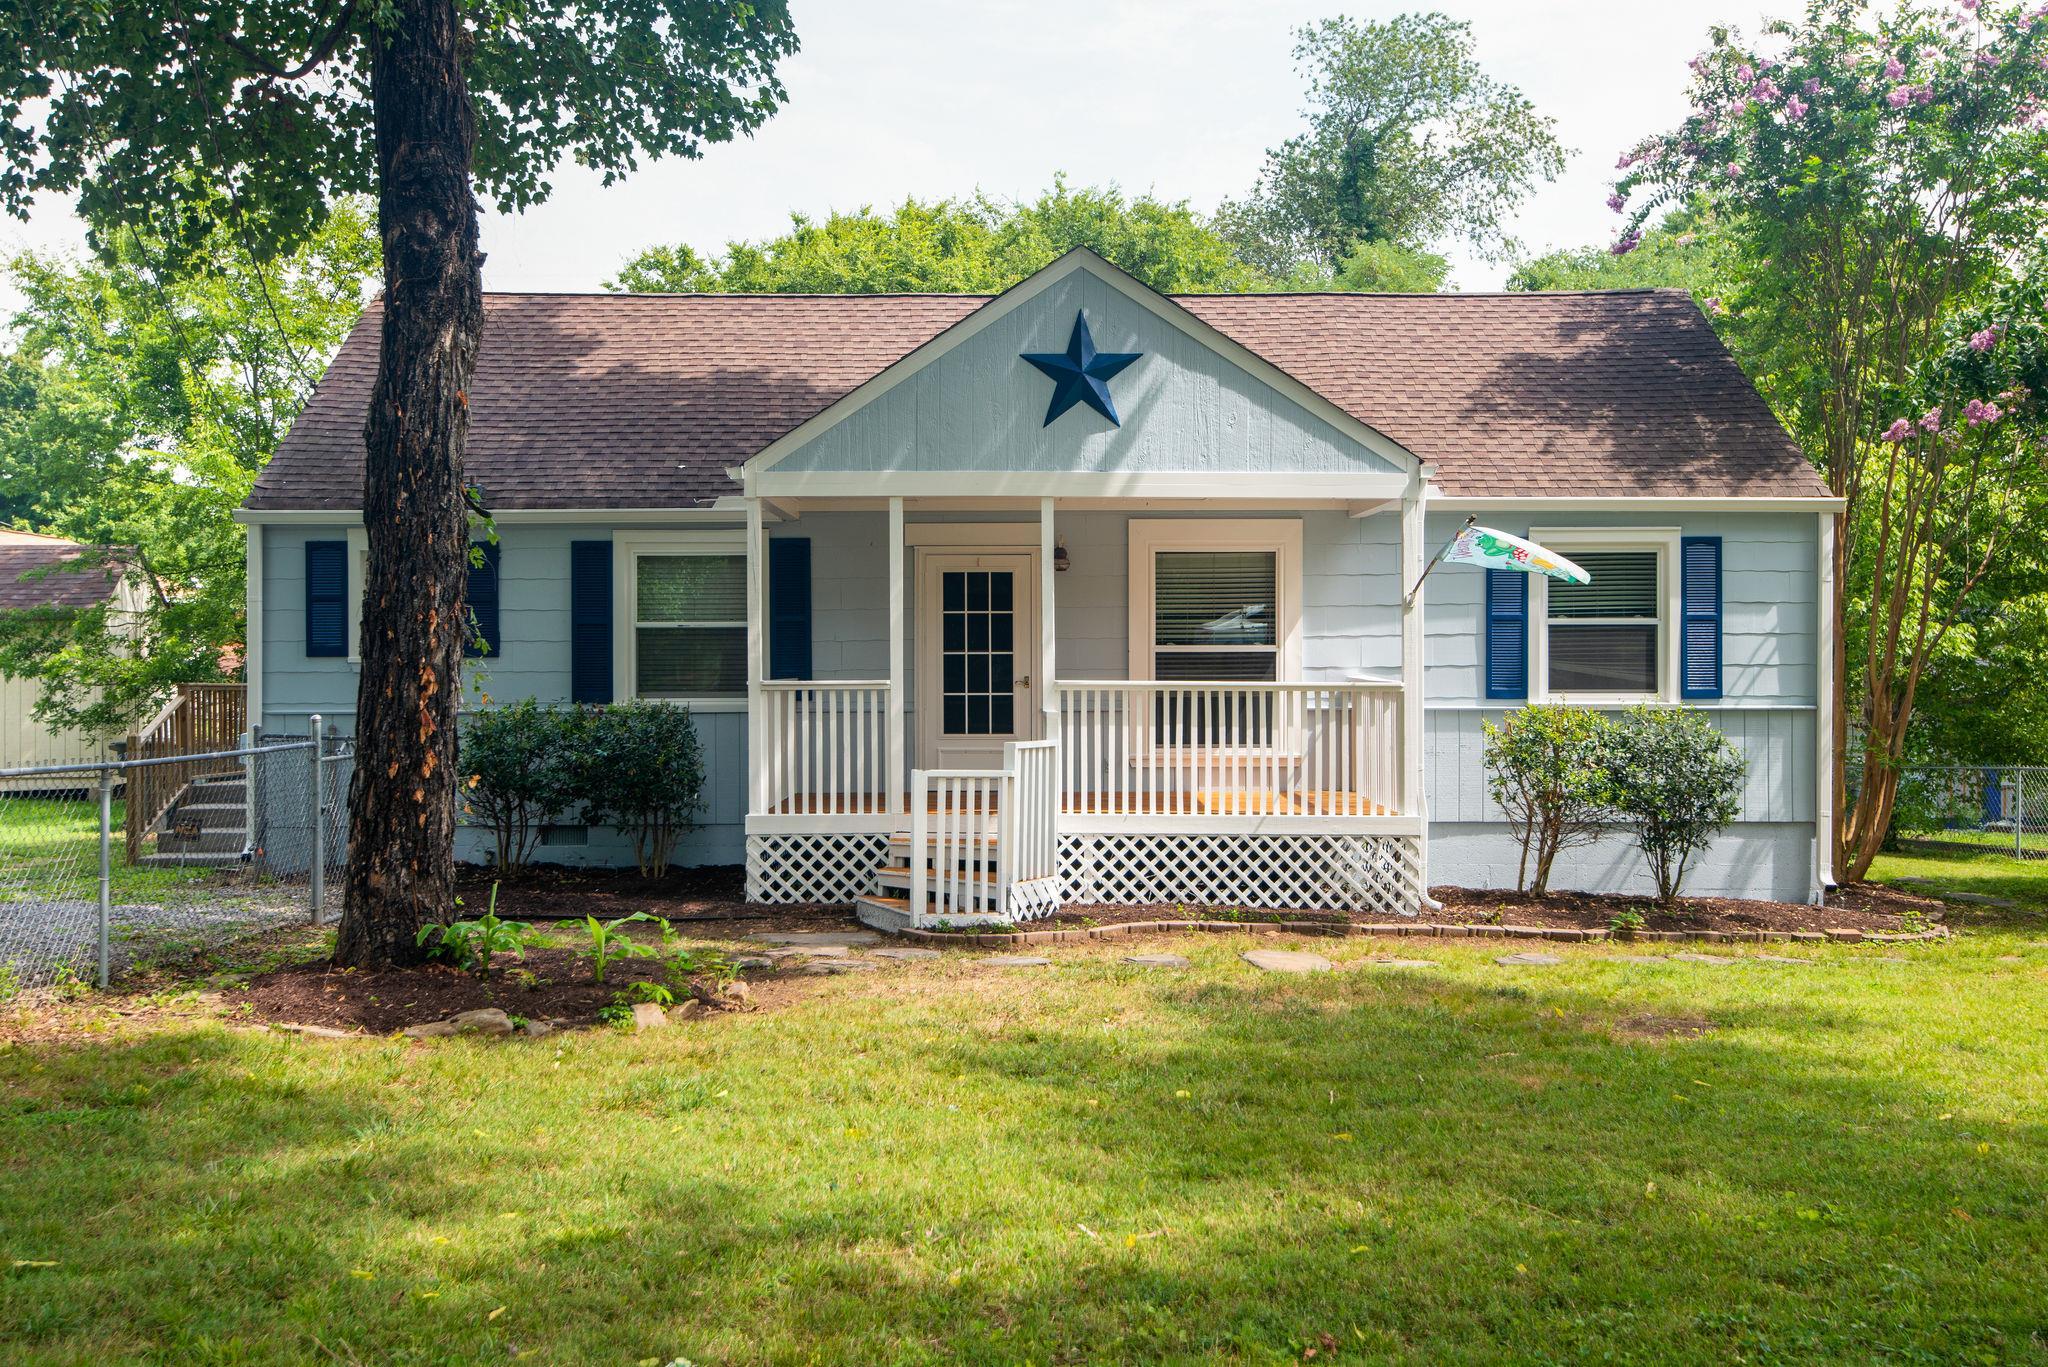 1215 Kenmore Pl, Nashville, TN 37216 - Nashville, TN real estate listing